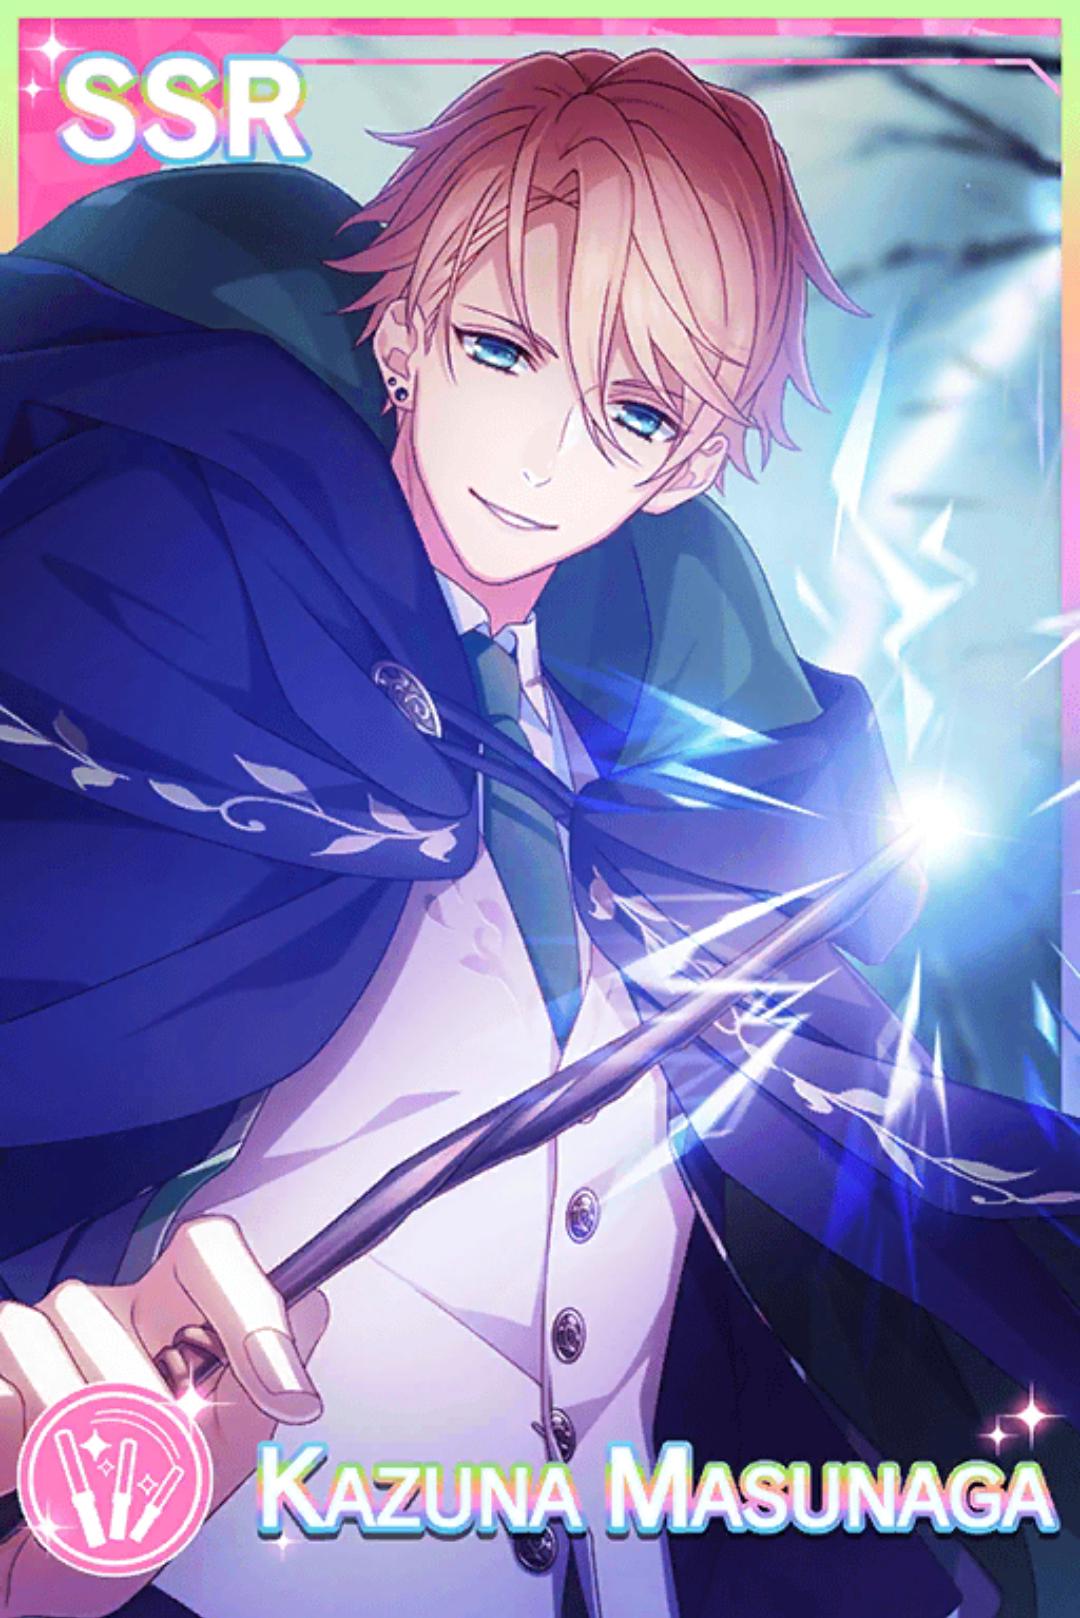 【The Wizarding Academy】Masunaga Kazuna